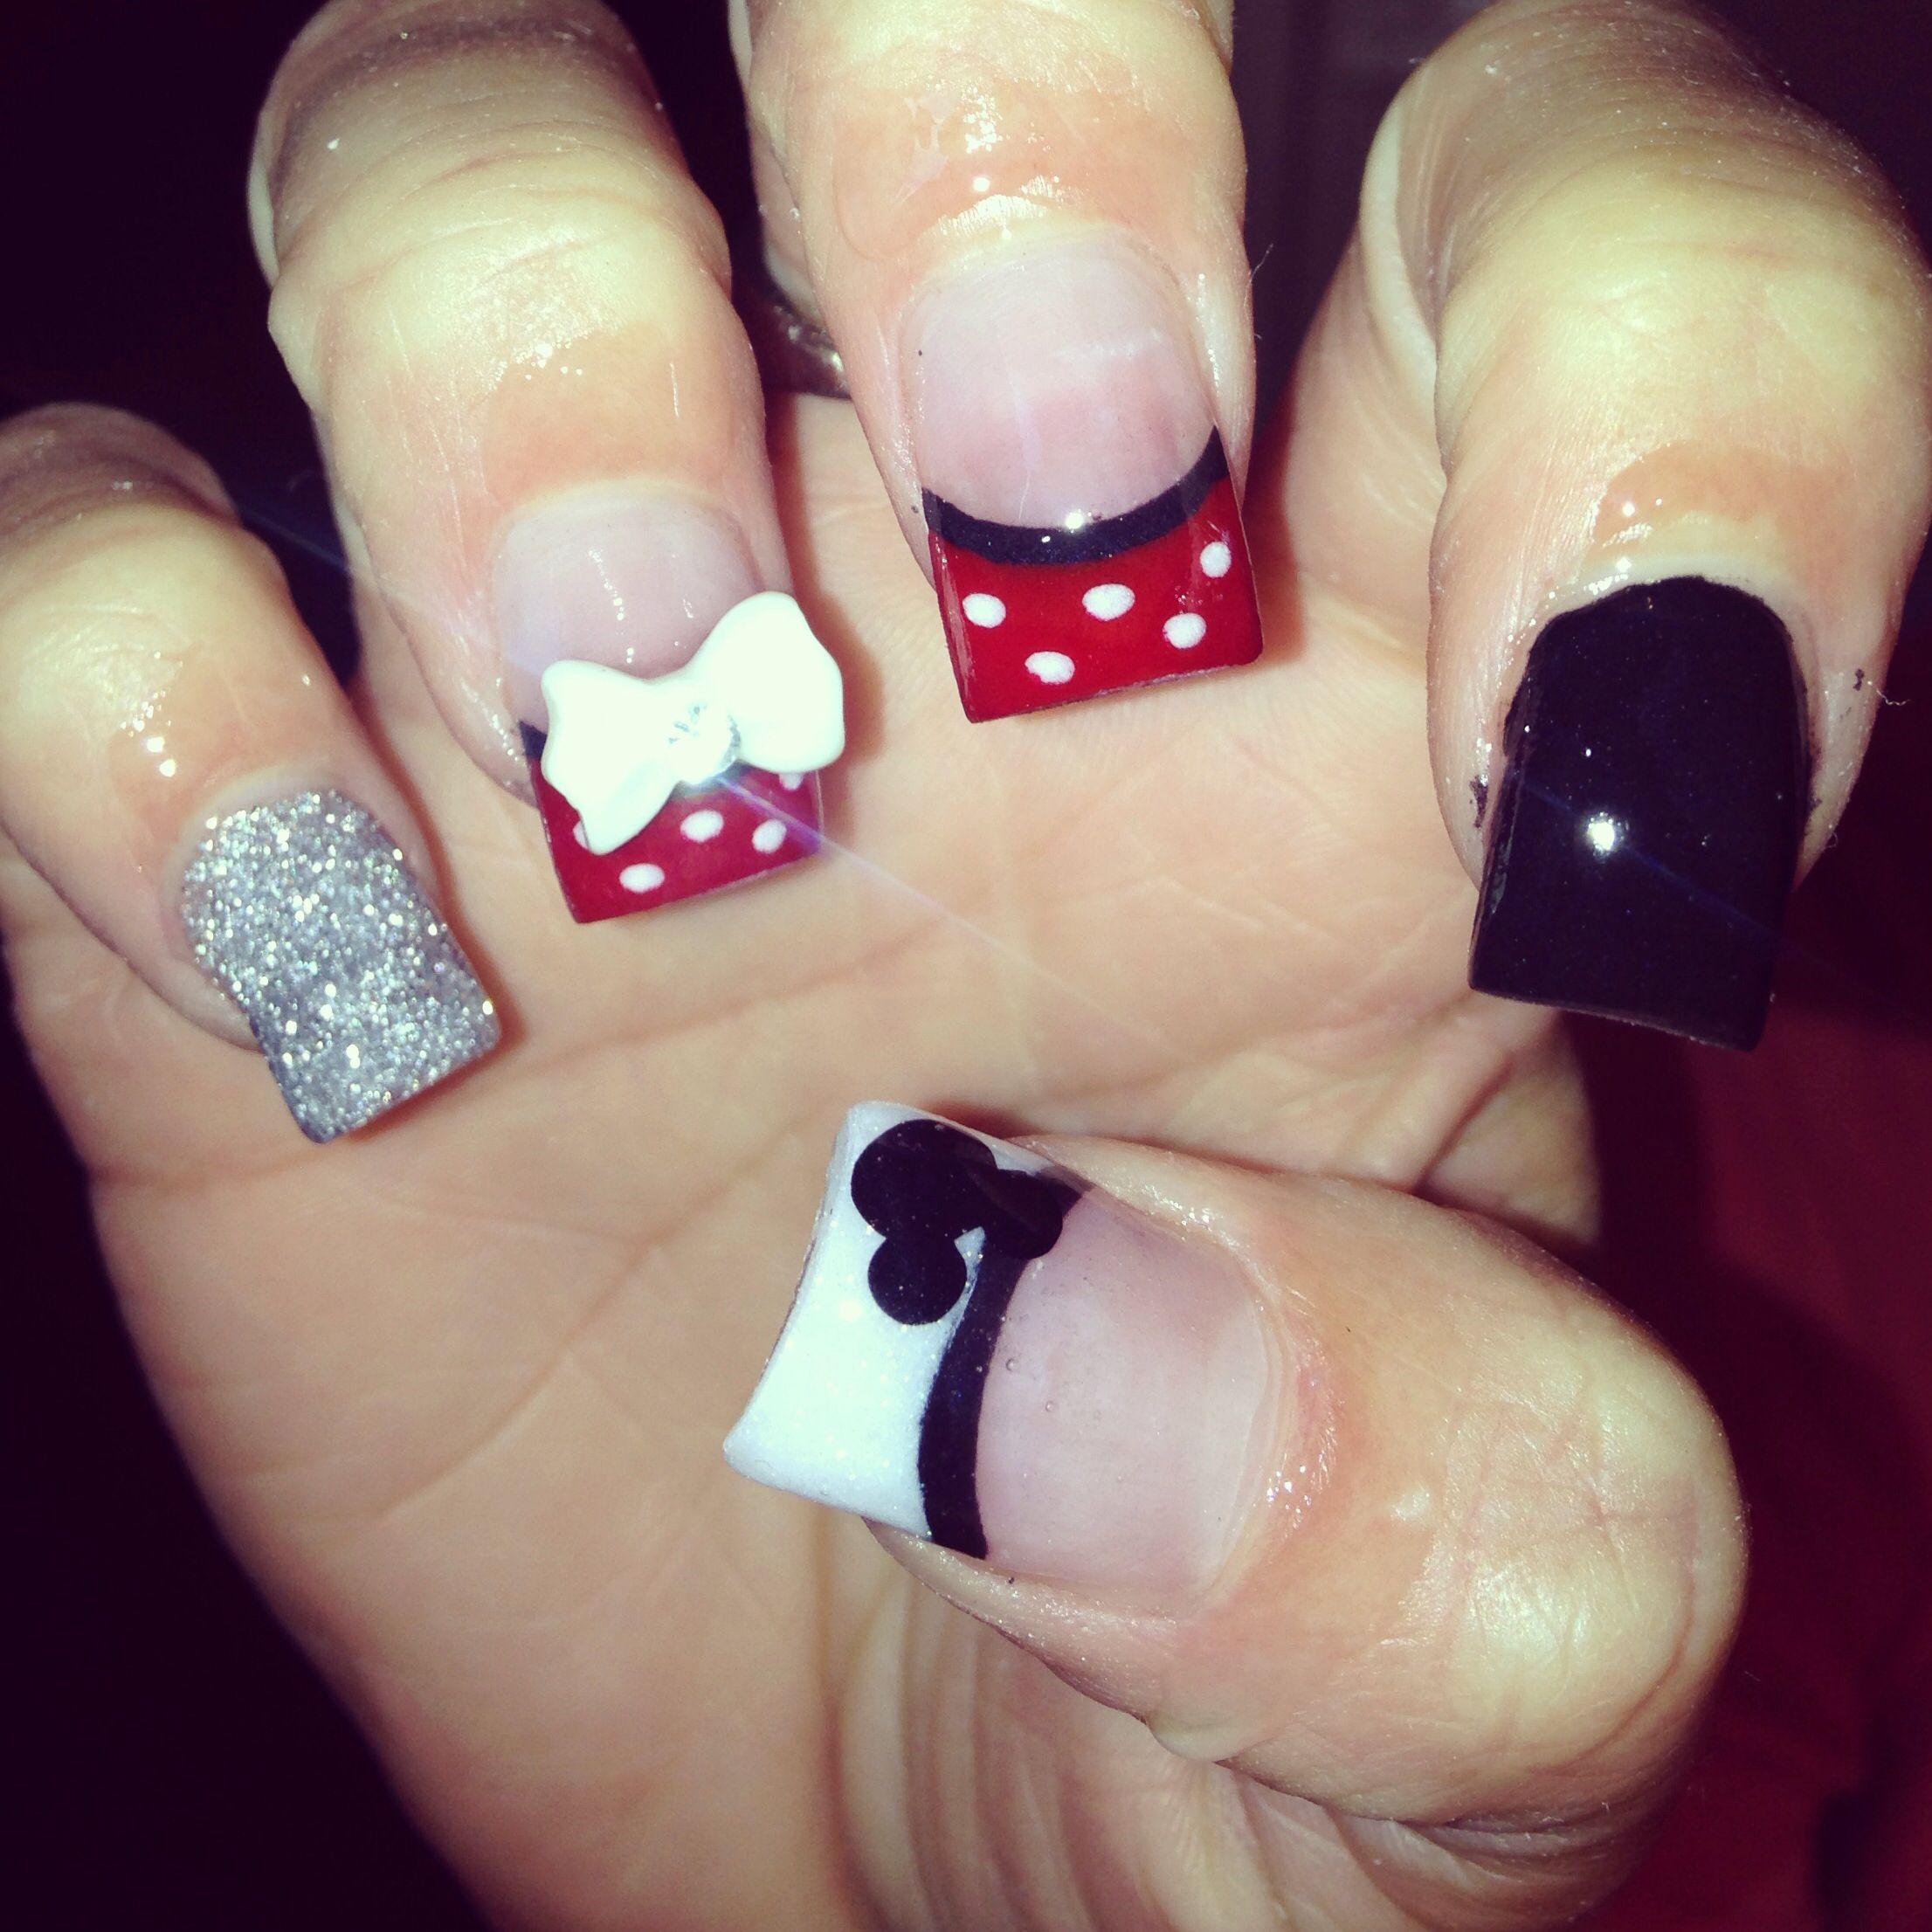 Disneyland inspired acrylic nails | Acrylic nails! | Pinterest ...